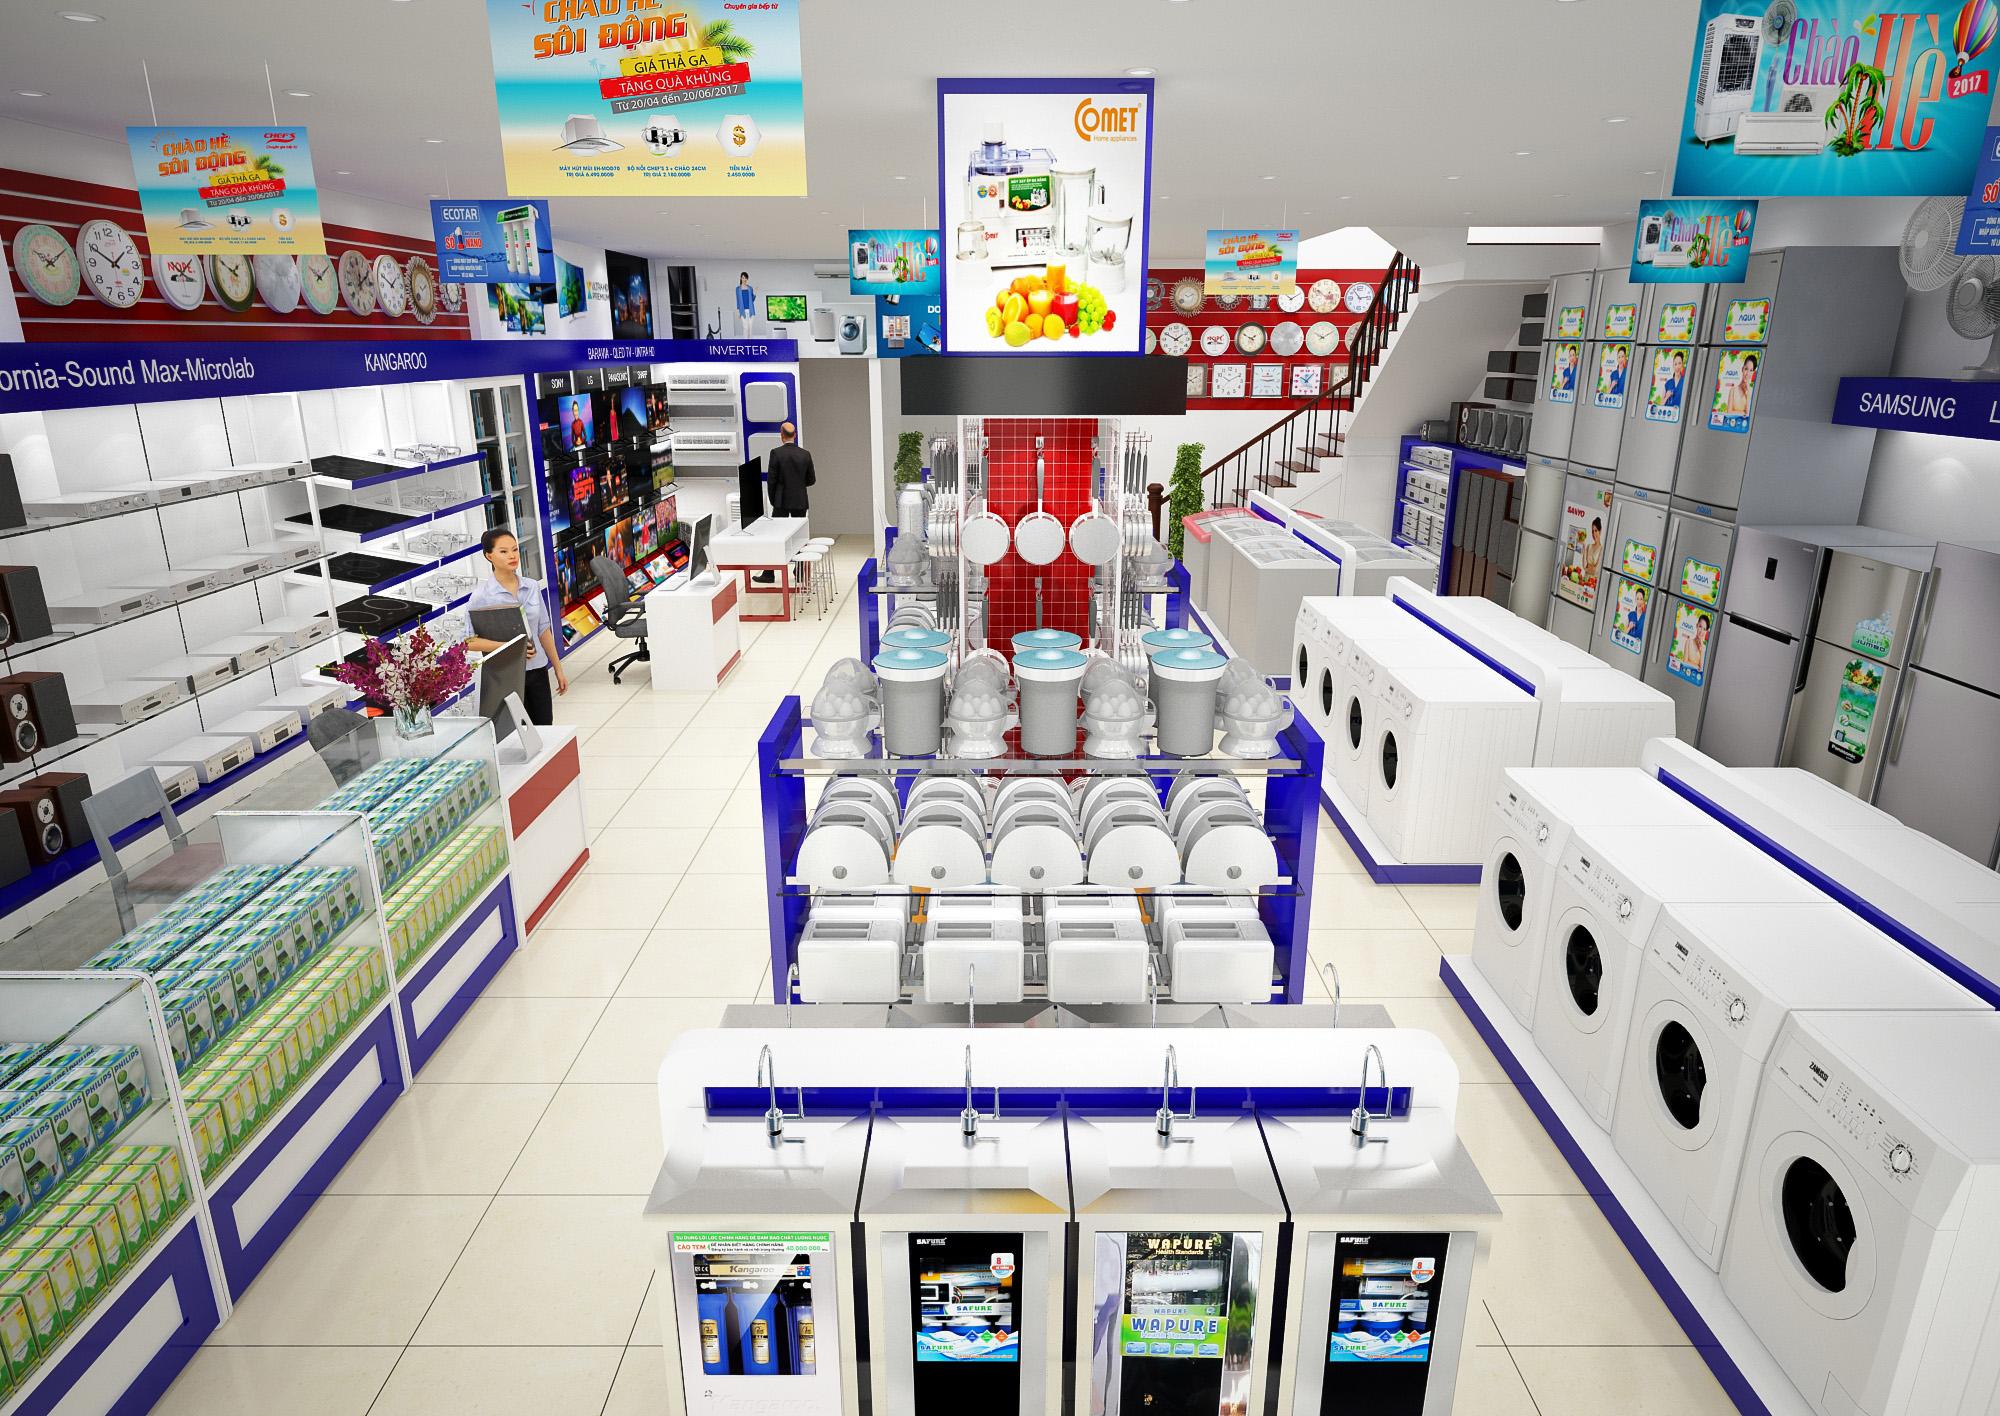 nhung dieu can luu y de bat dau mo cua hang kinh doanh dien lanh 5 - Kinh nghiệm kinh doanh cửa hàng điện máy hiệu quả